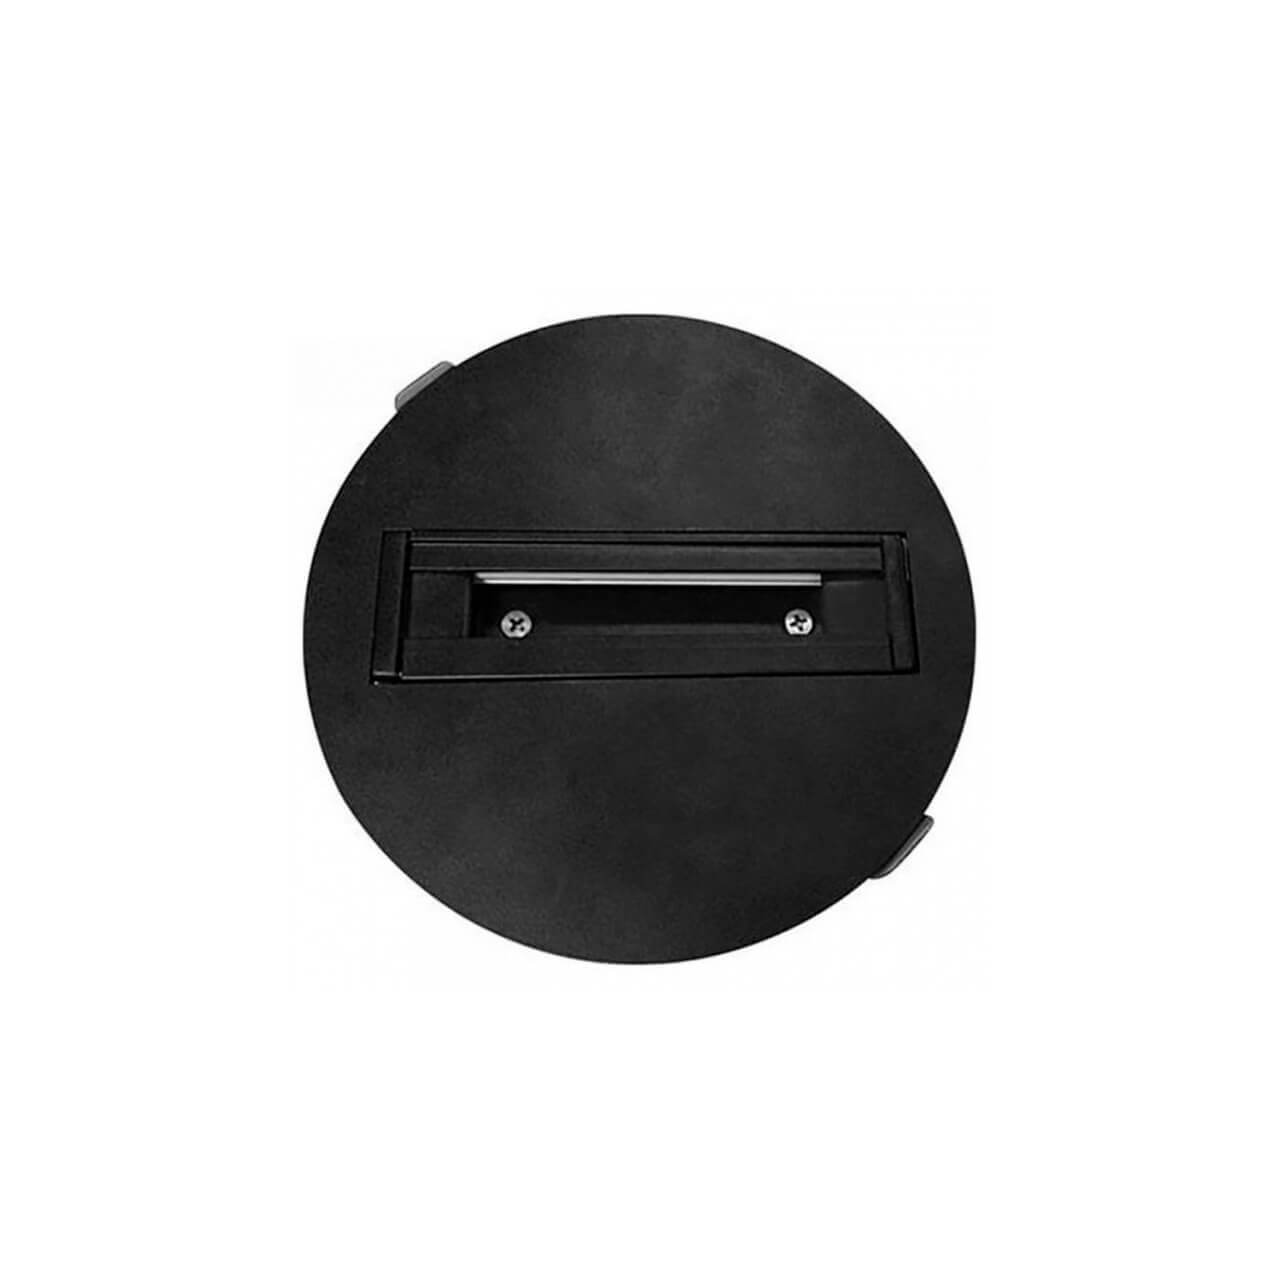 Встраиваемый шинопровод Horoz черный 098-001-0001 недорого